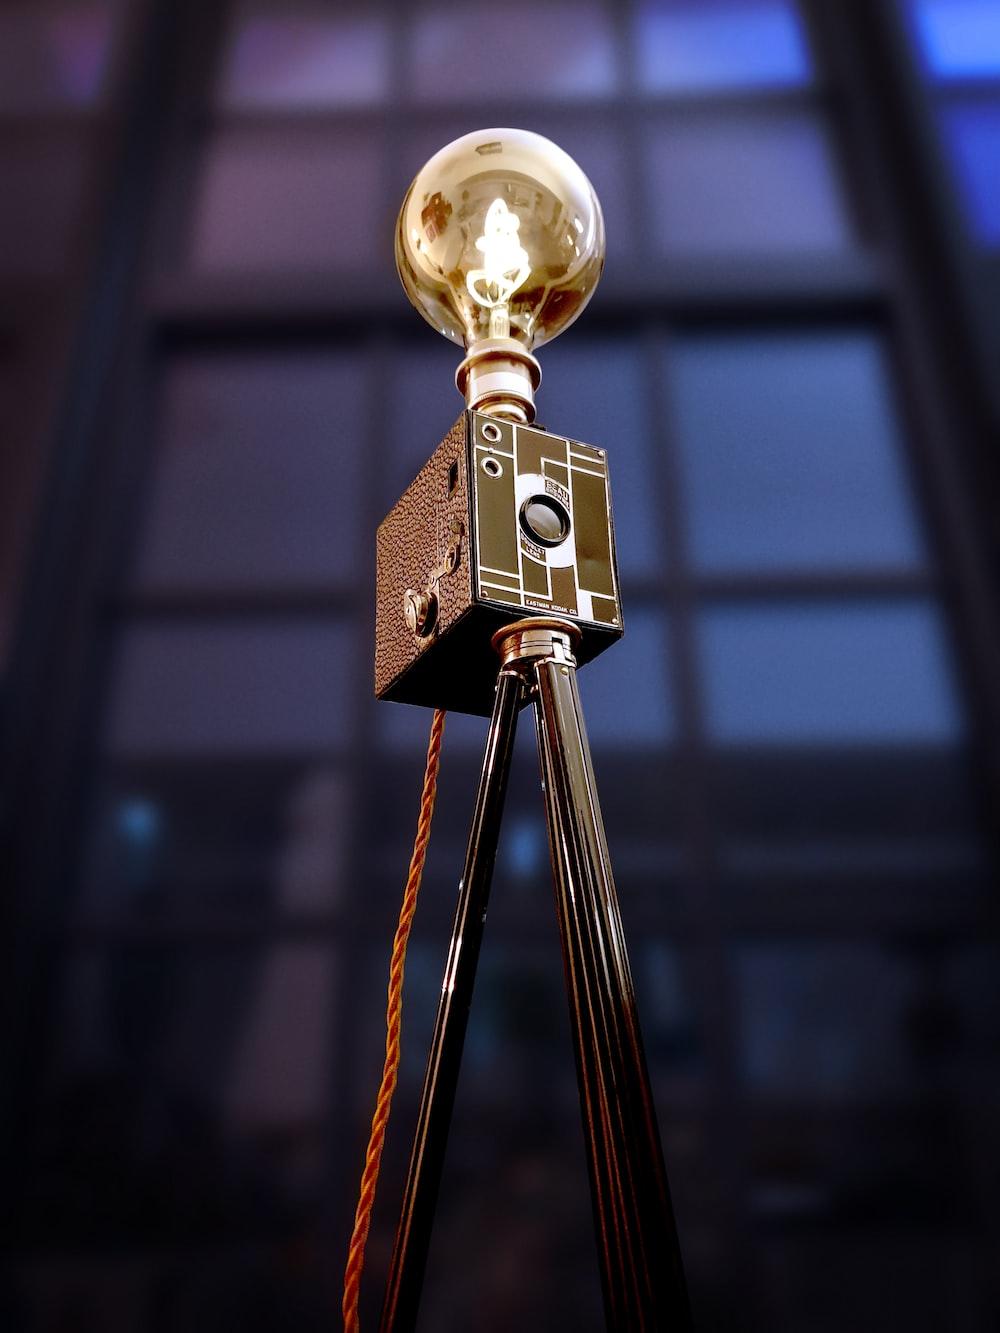 brown and black pendant lamp